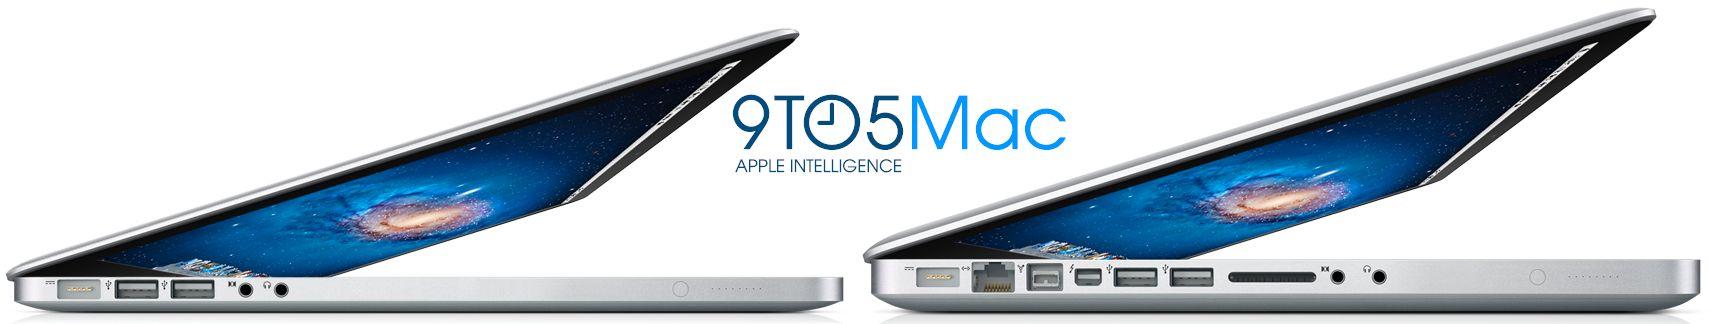 Den nye modellen skal bli slankere. Bilde: Modell laget av 9to5mac.com